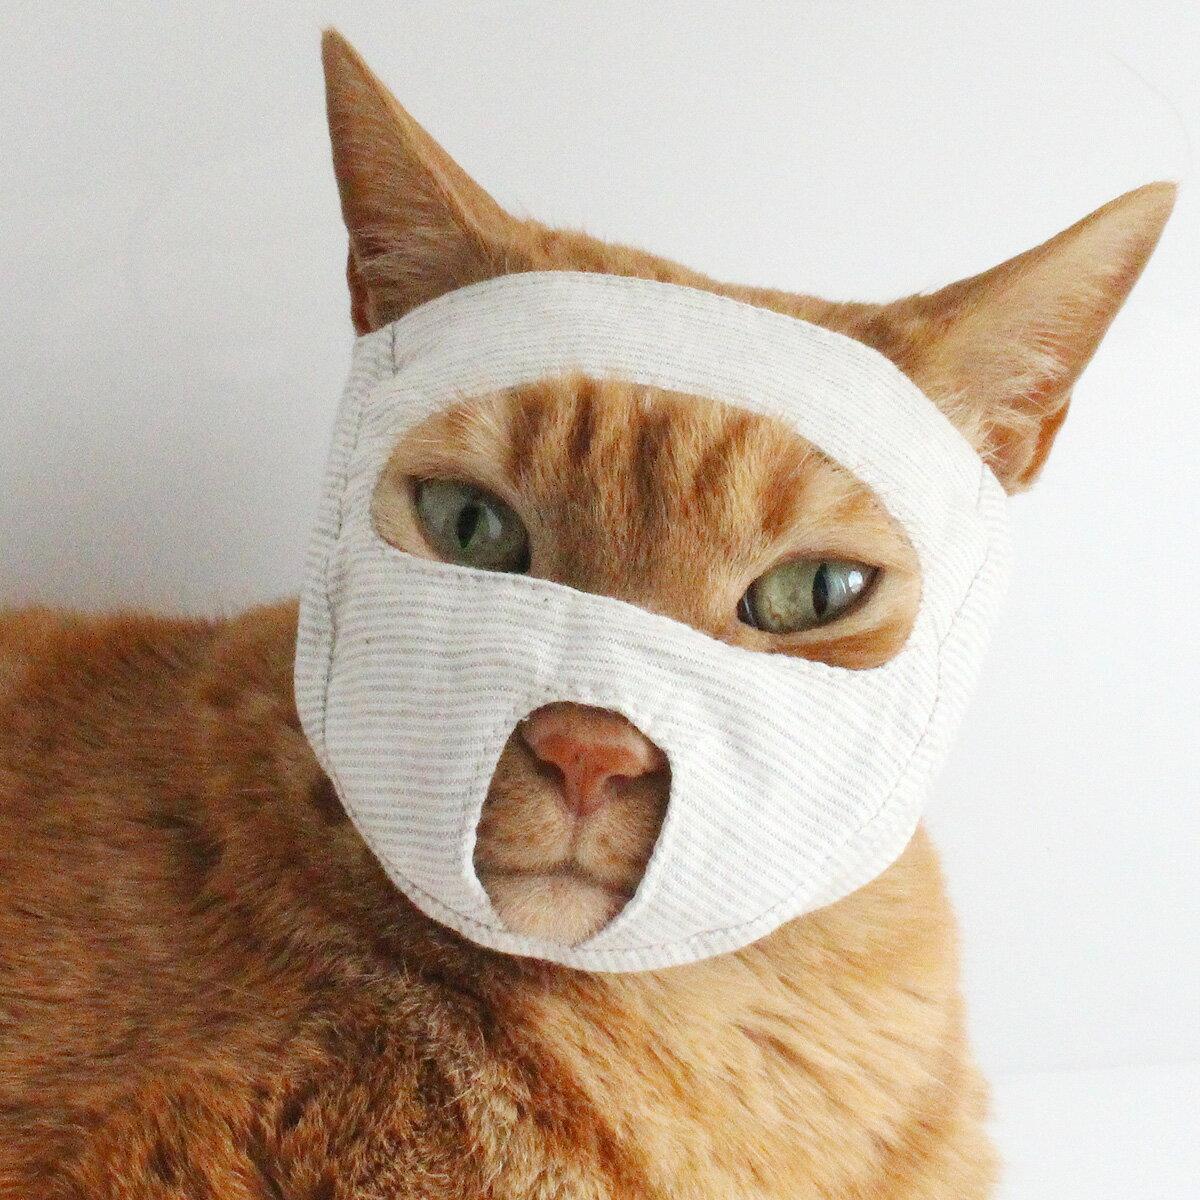 点眼 補助具 目だしマスク 猫 マスク